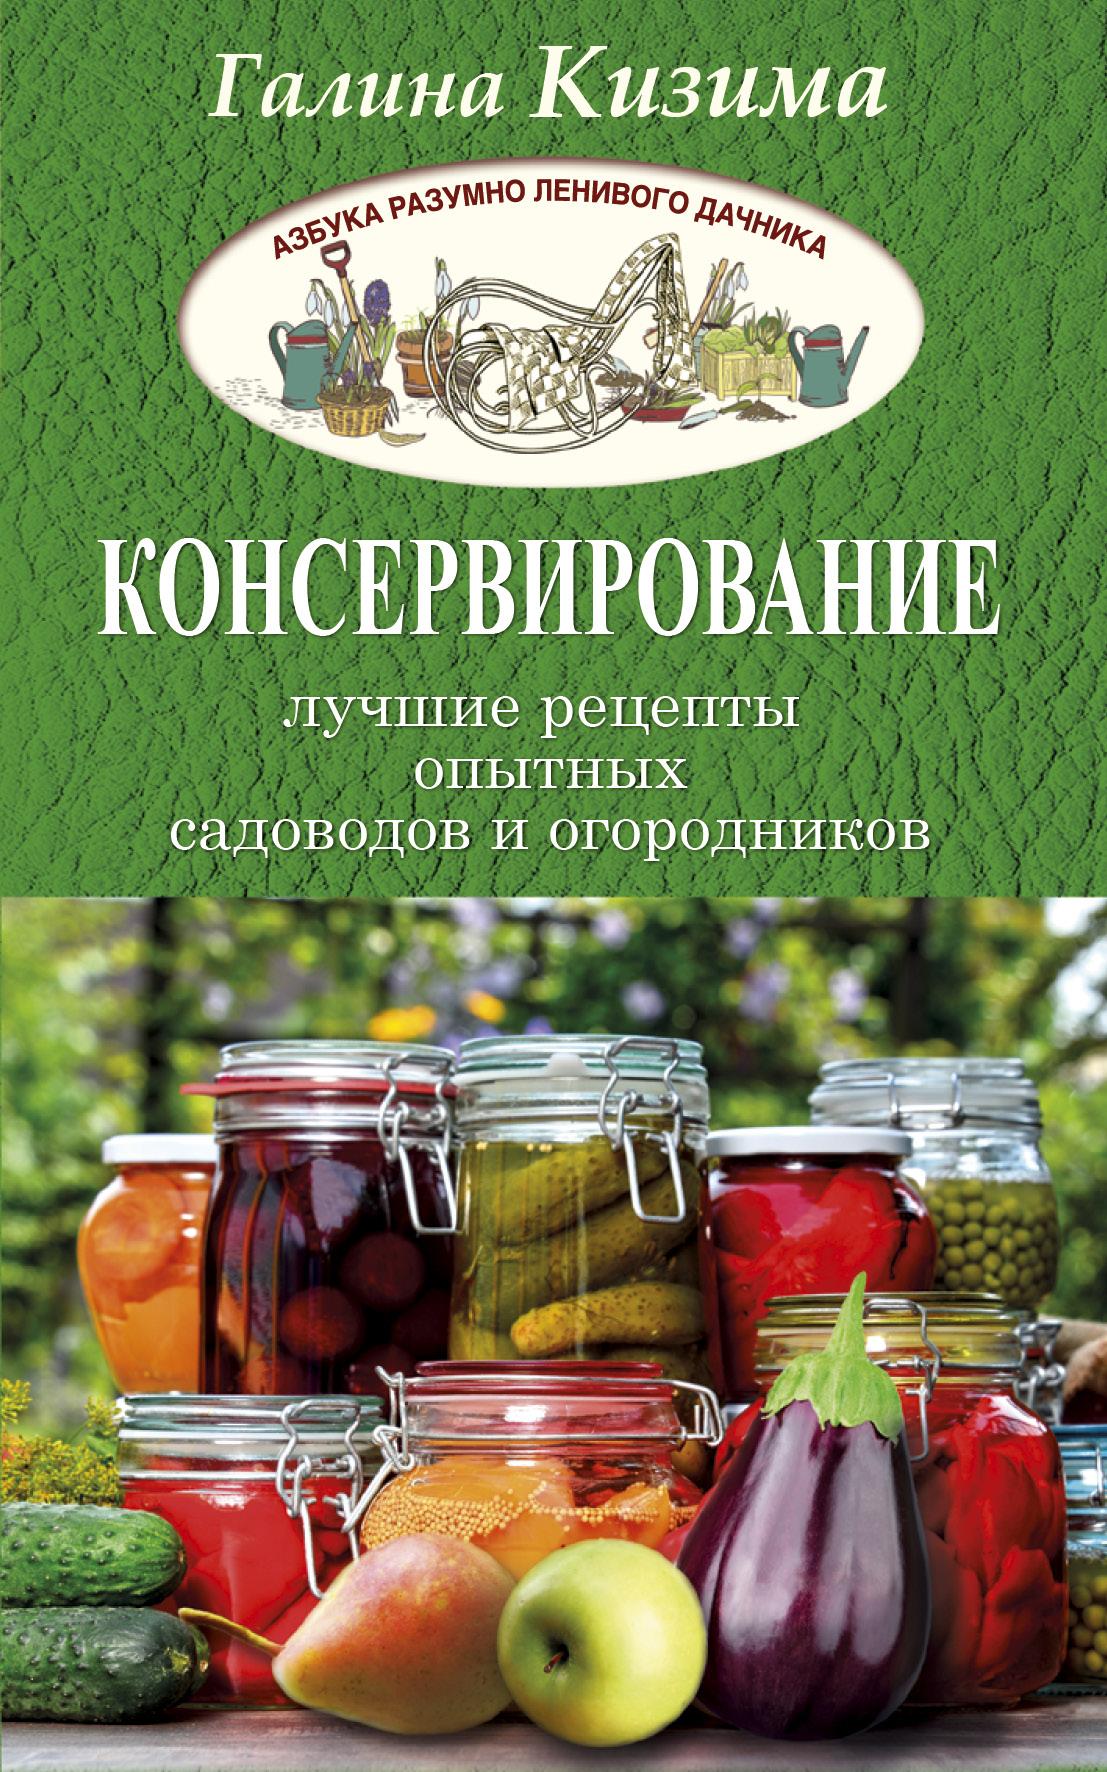 Консервирование - лучшие рецепты опытных садоводов и огородников ( Кизима Г.А.  )